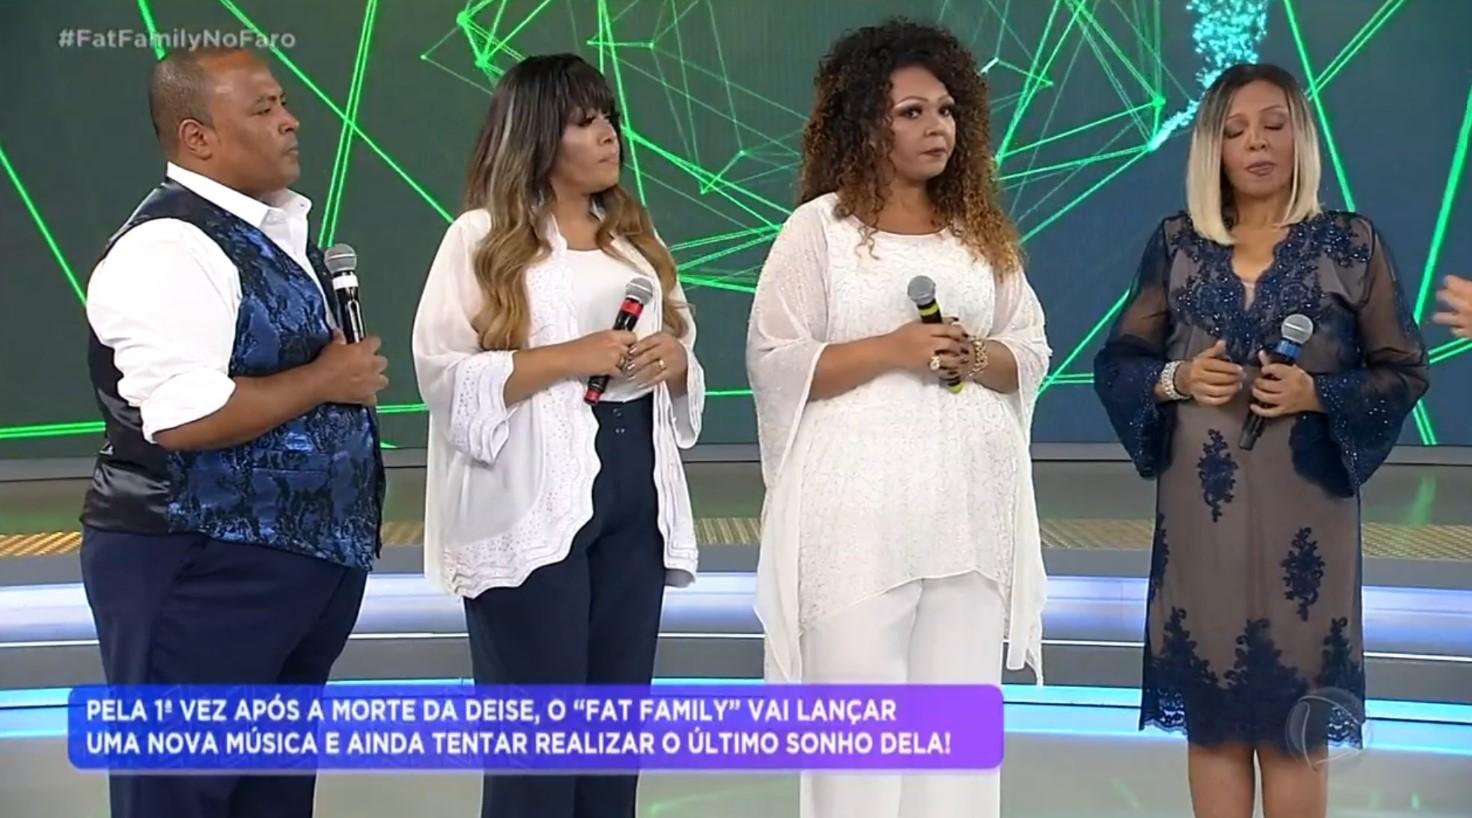 Rodrigo Faro relançou o grupo Fat Family meses após a morte de Deise Cipriano (Foto: Reprodução)